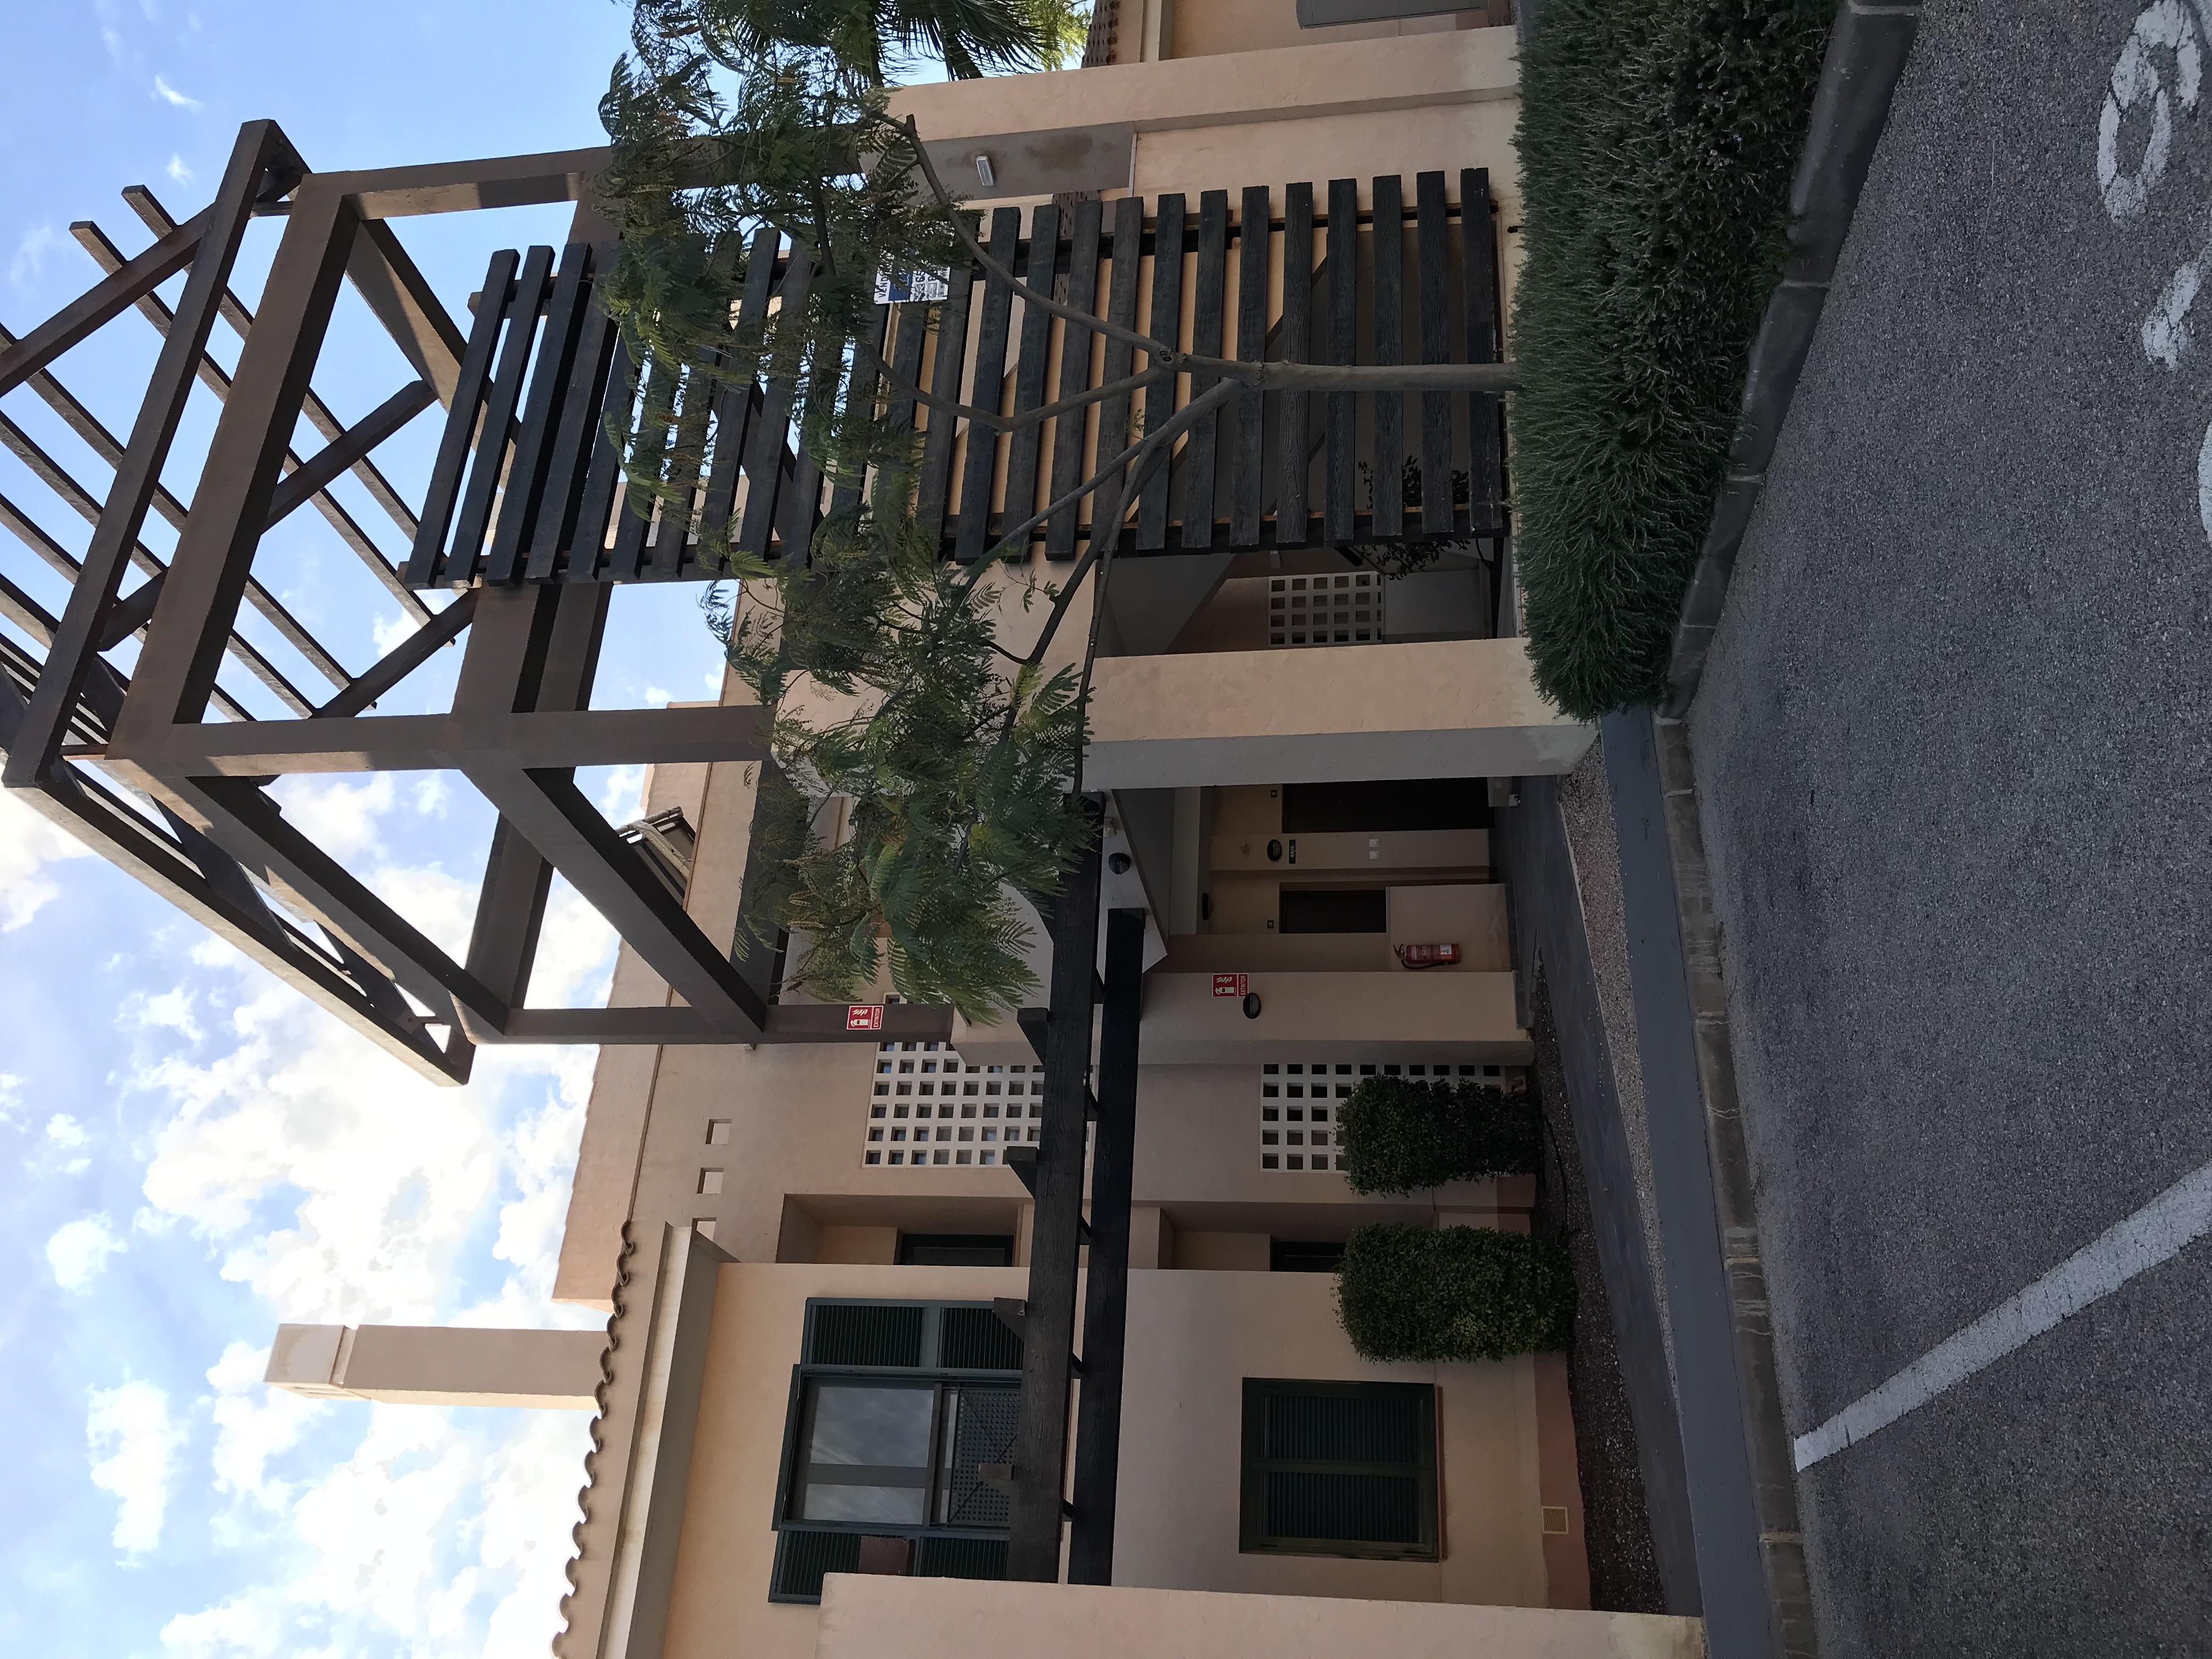 Ref:HDA Oasis 3 Apartment For Sale in Fuente Alamo